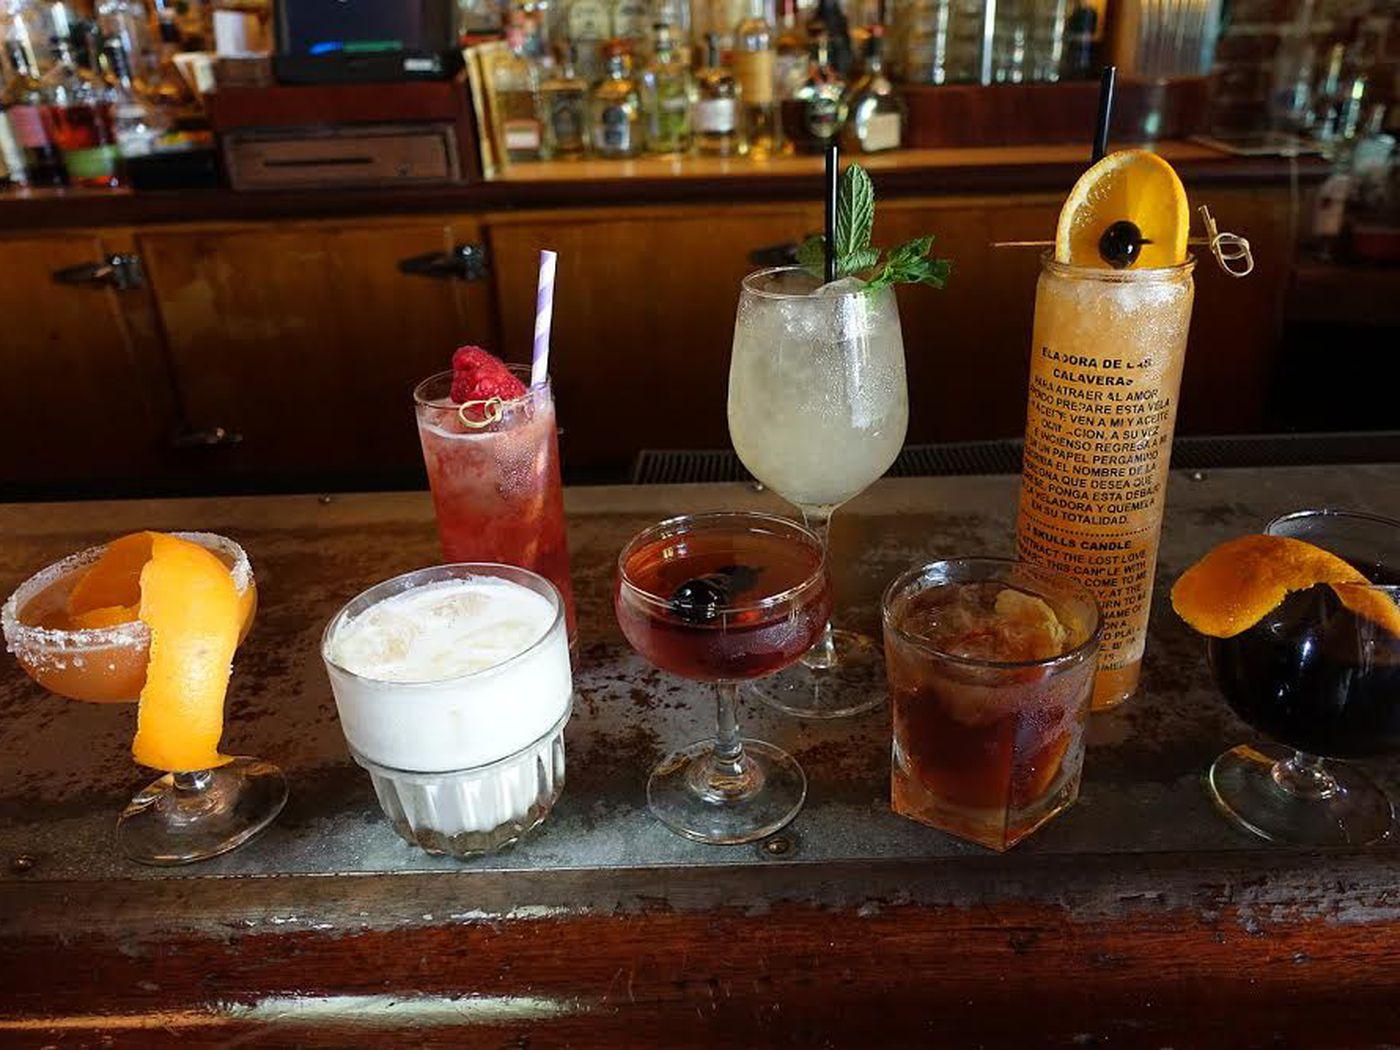 Kegiatan Teratas untuk Festival Tales of the Cocktail Civilians Di New Orleans